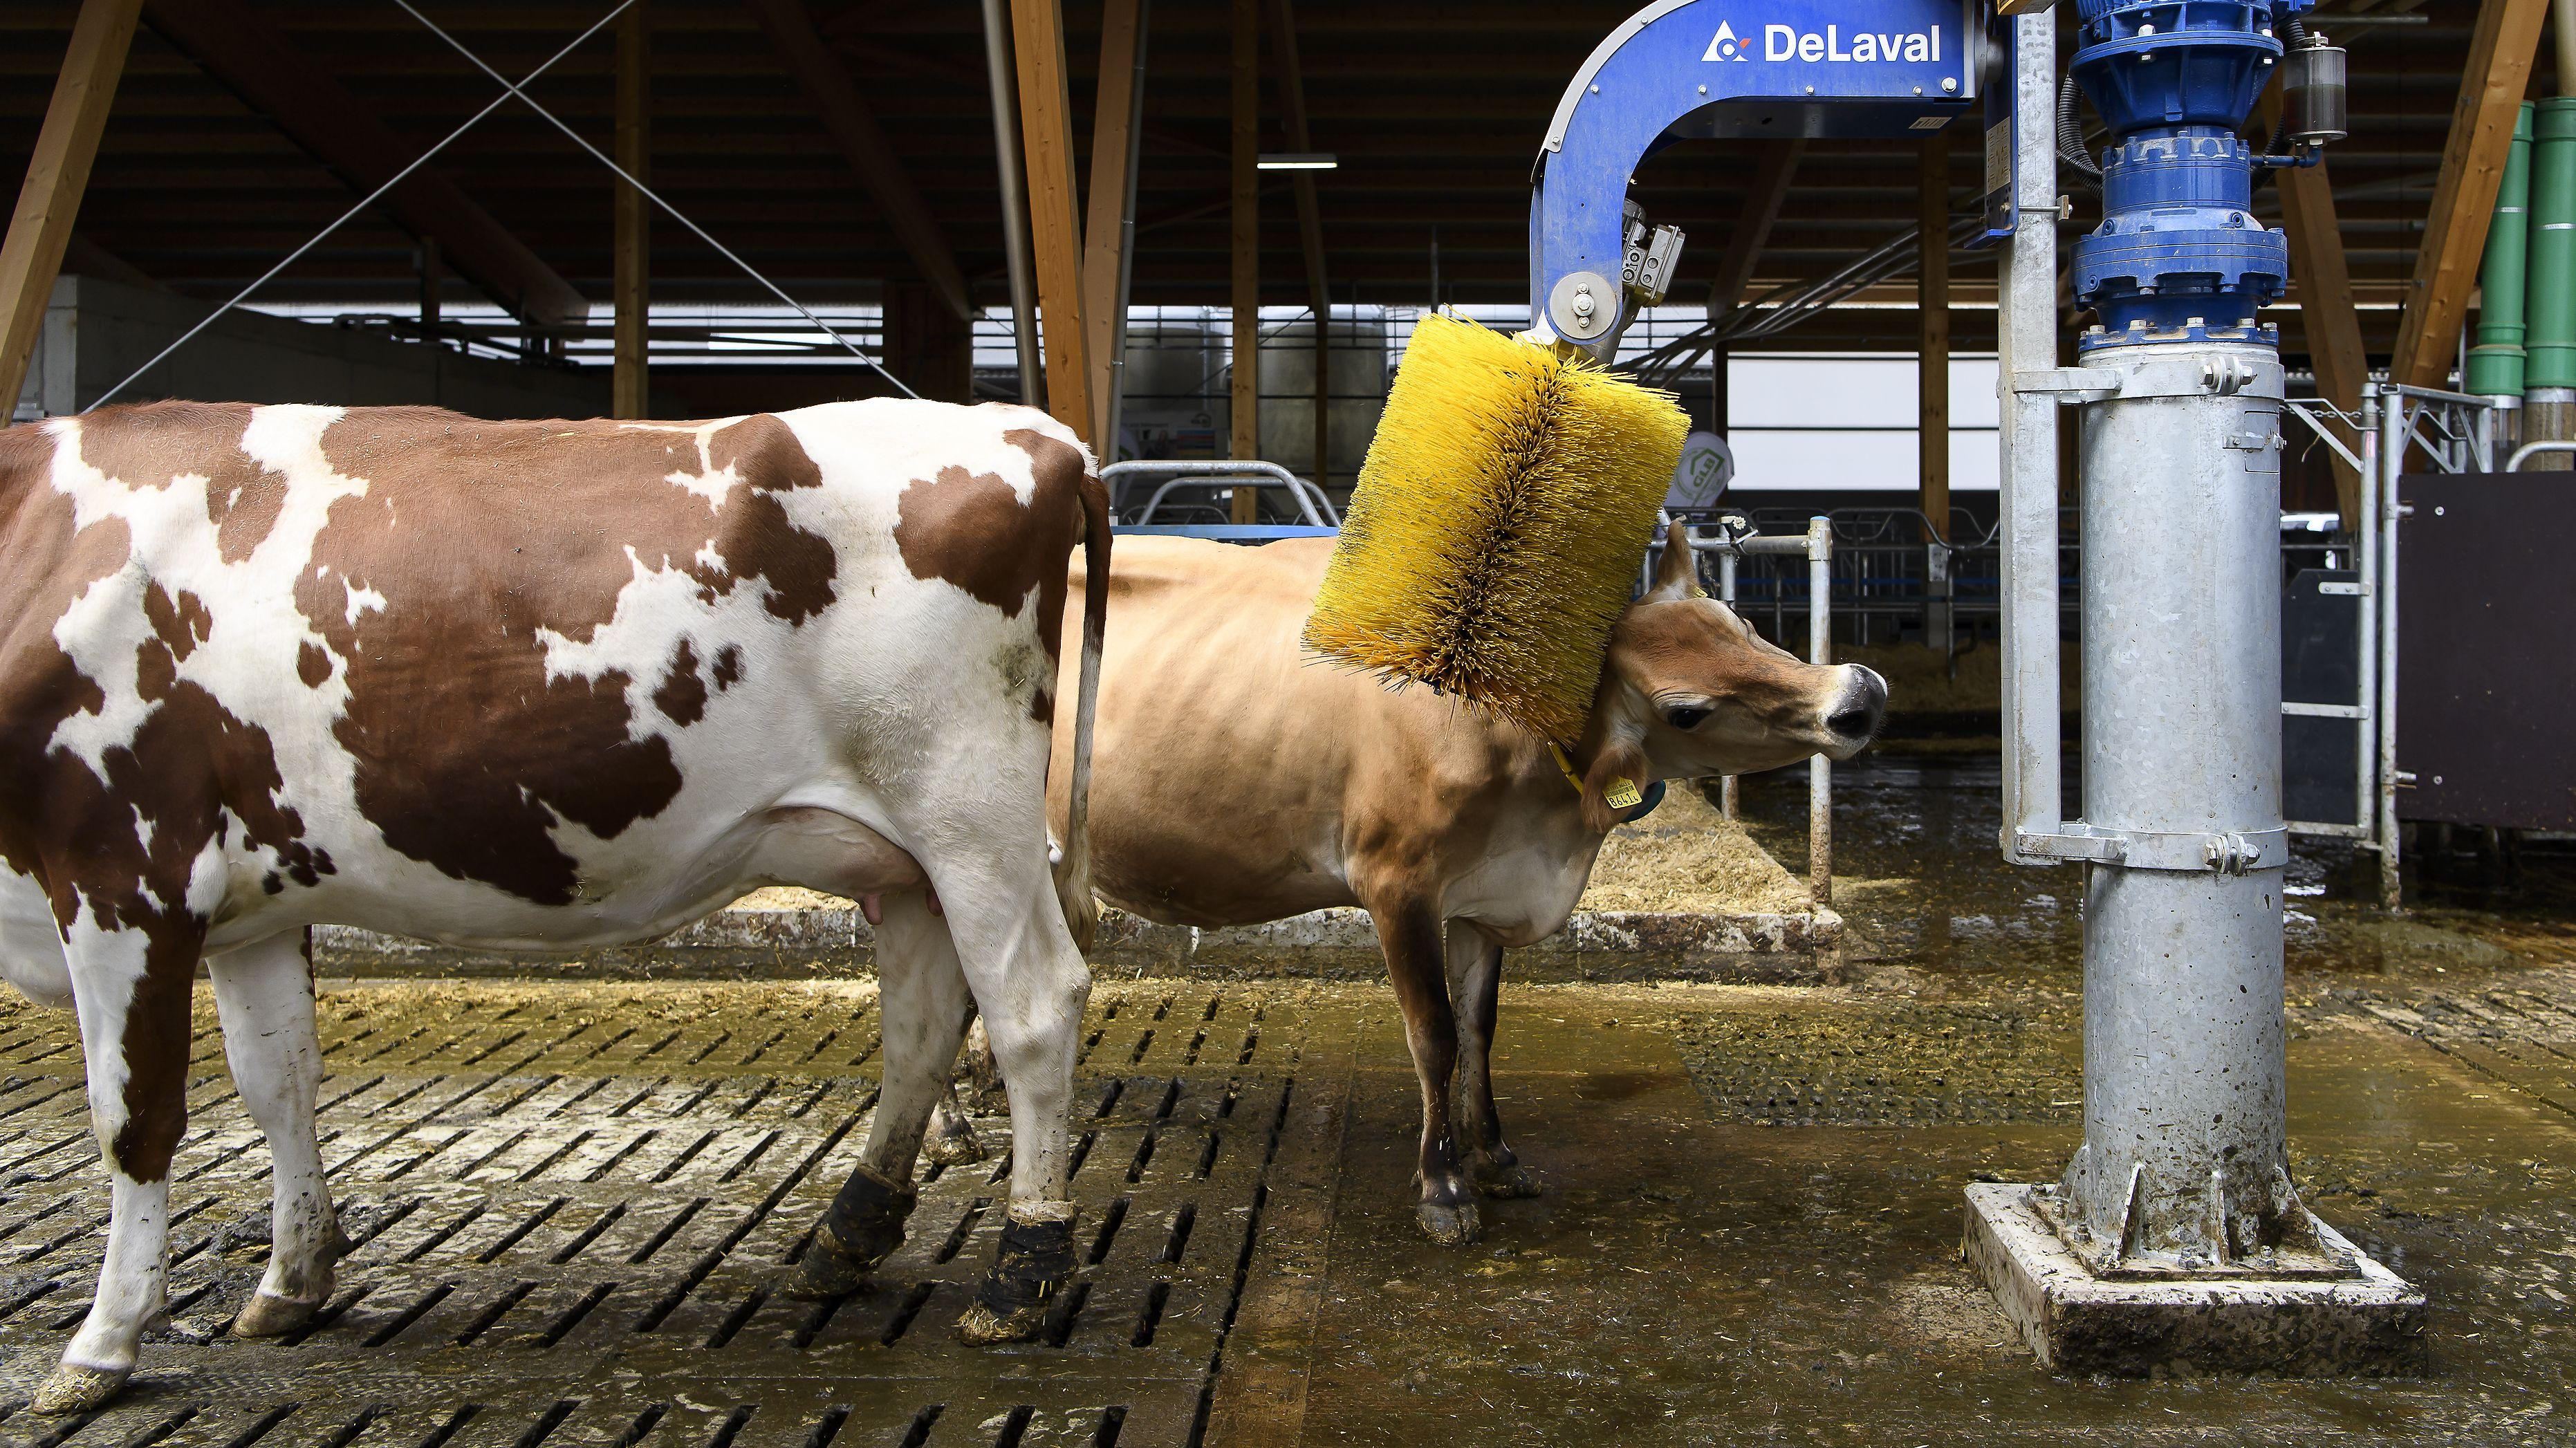 Symbolbild Tierwohl: Eine Kuh wird von einer Maschine gekratzt